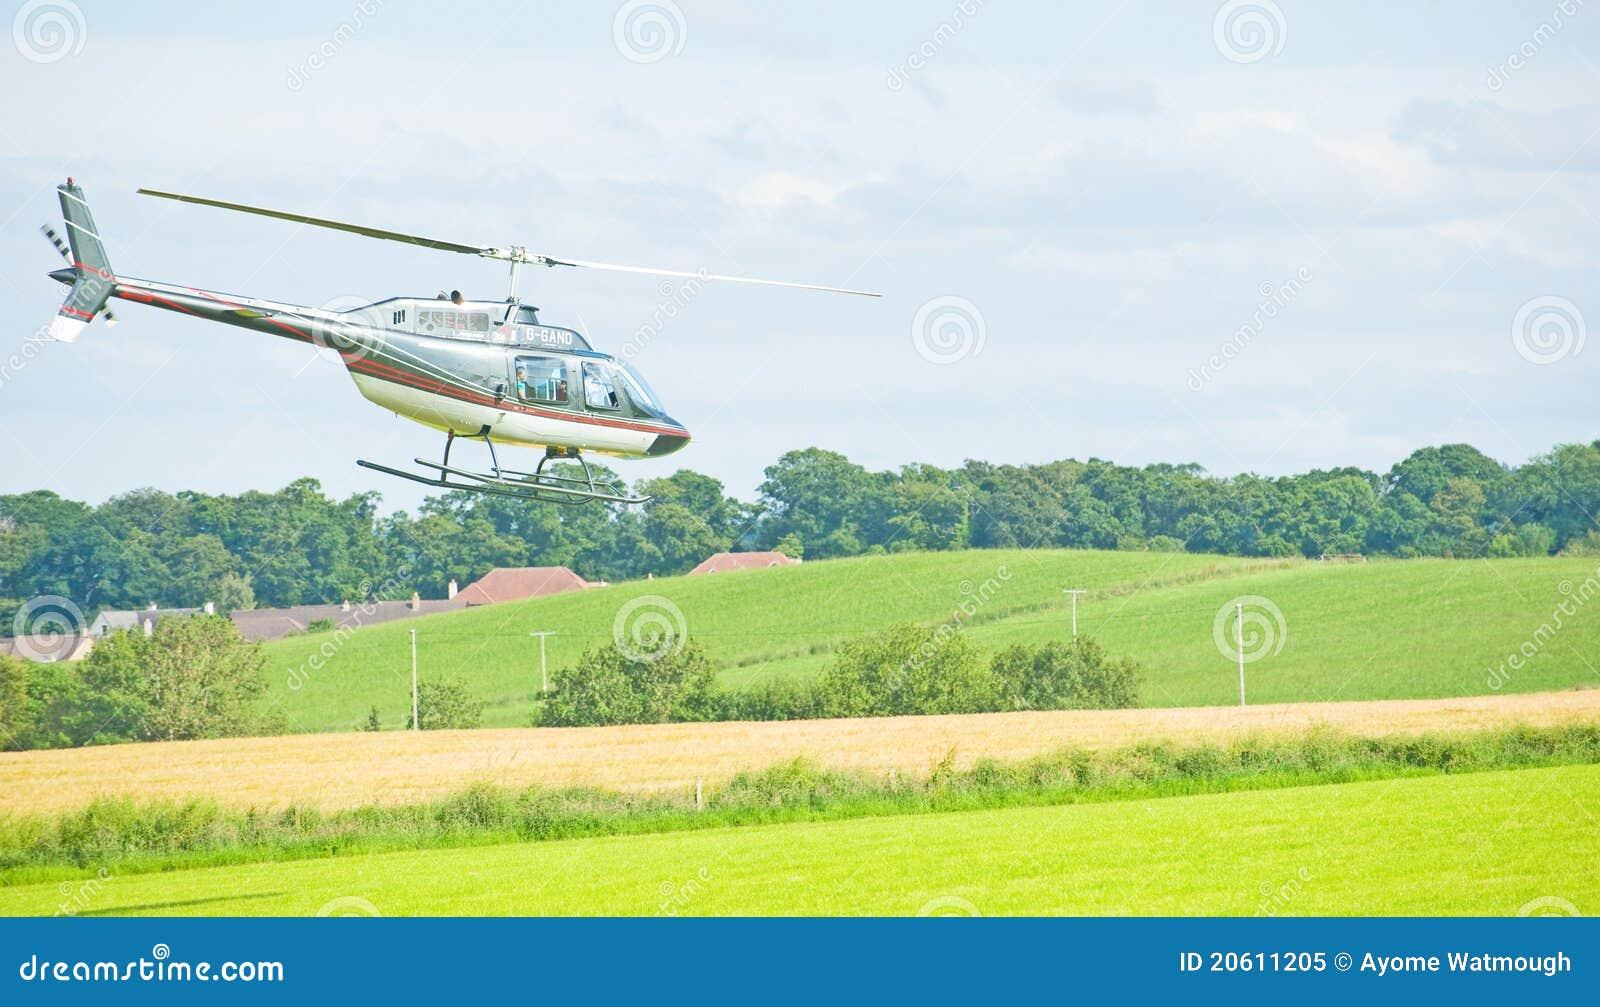 Elicottero 205 : Elicottero che vola basso all esposizione di nairn immagine